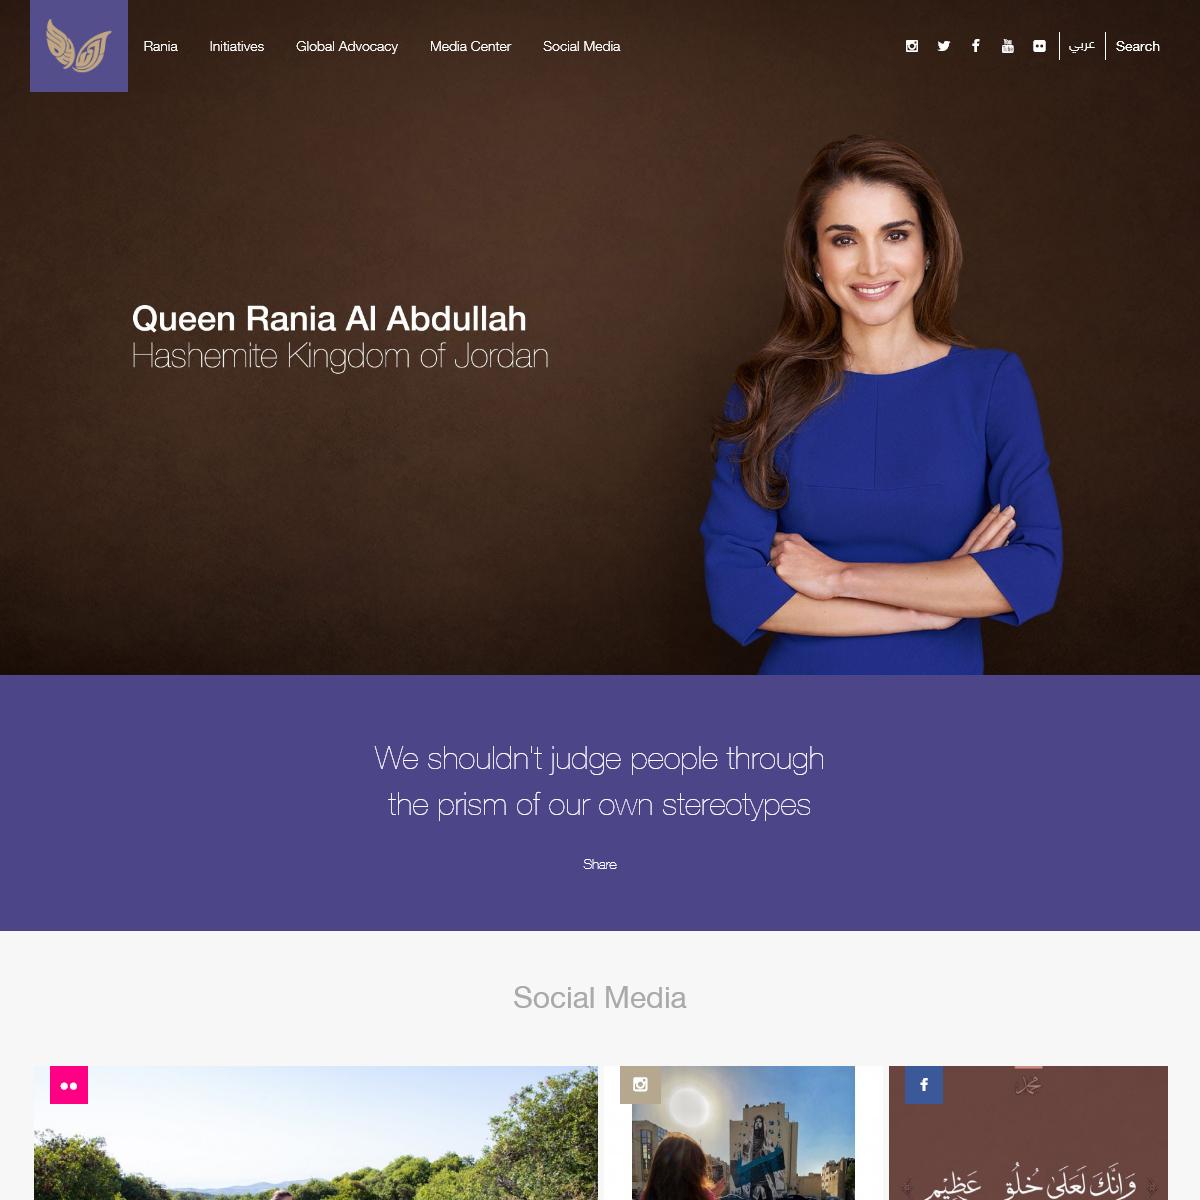 Queen Rania`s official website